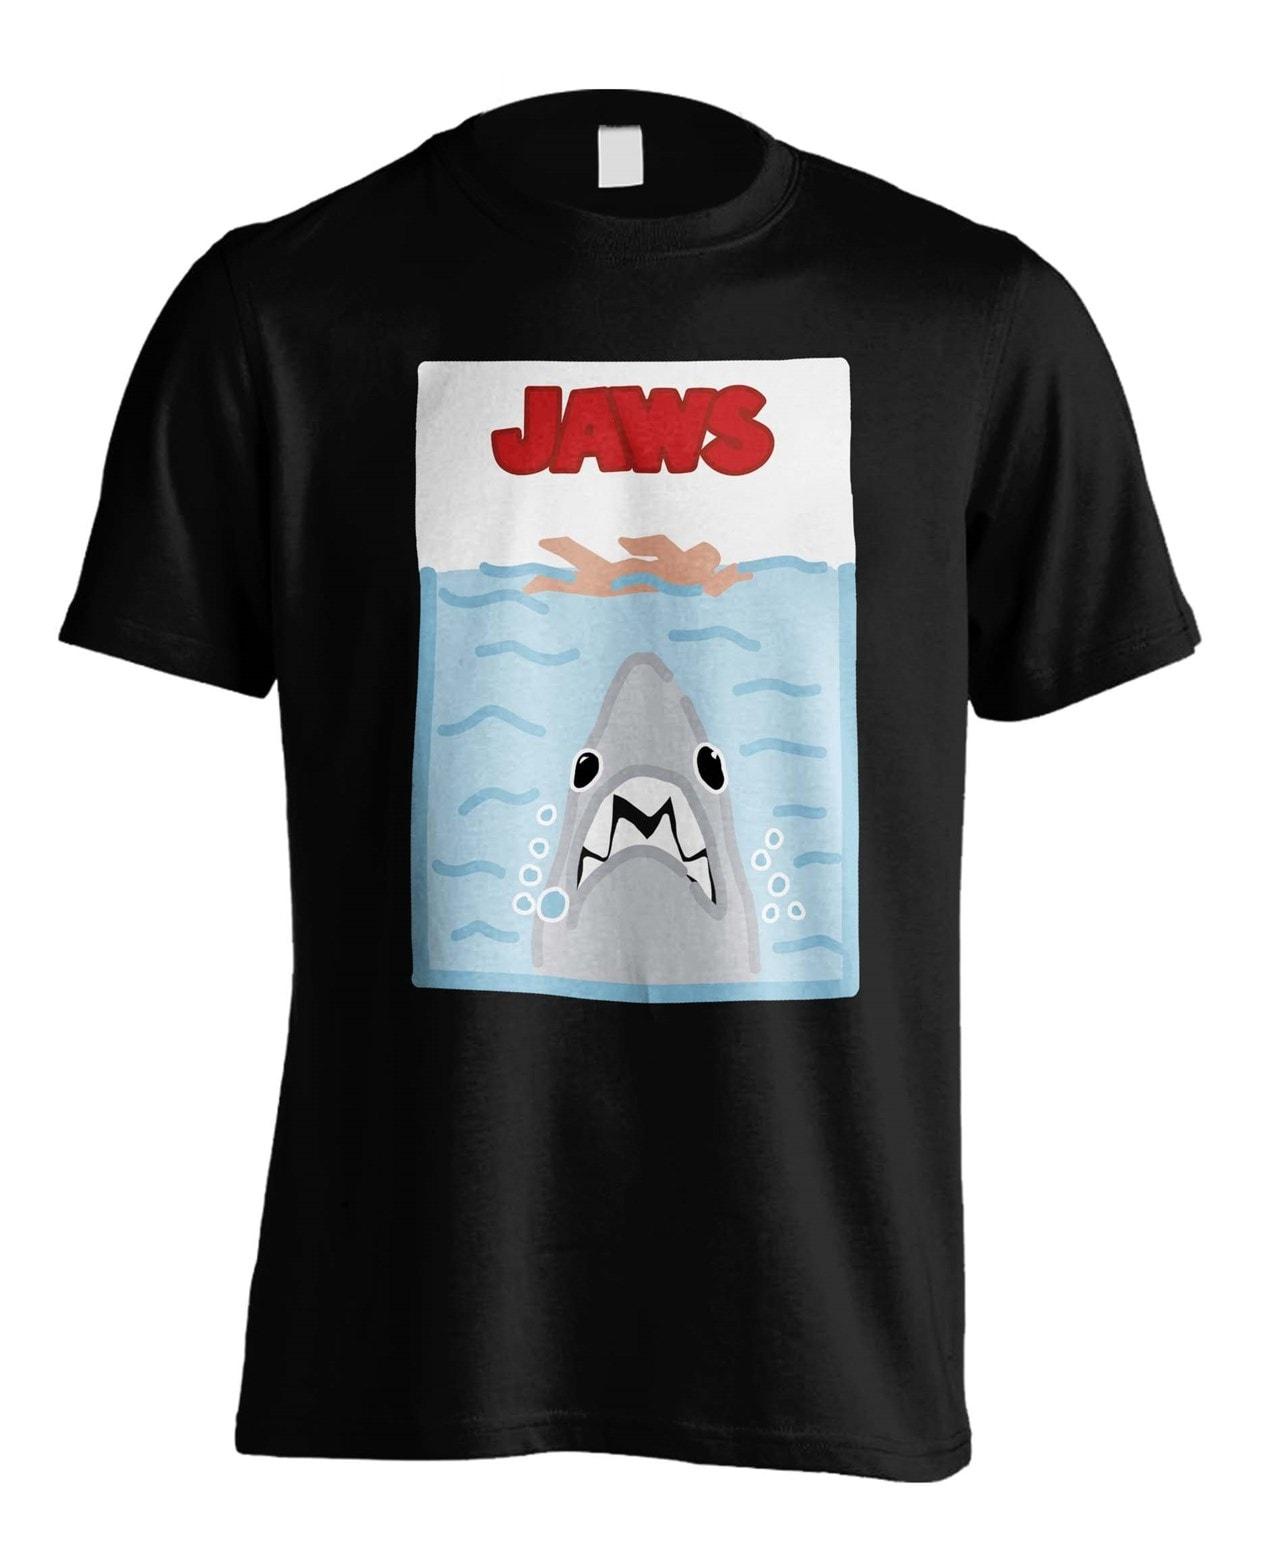 Jaws Dangerous Doodle Shark (hmv Exclusive) (Small) - 1